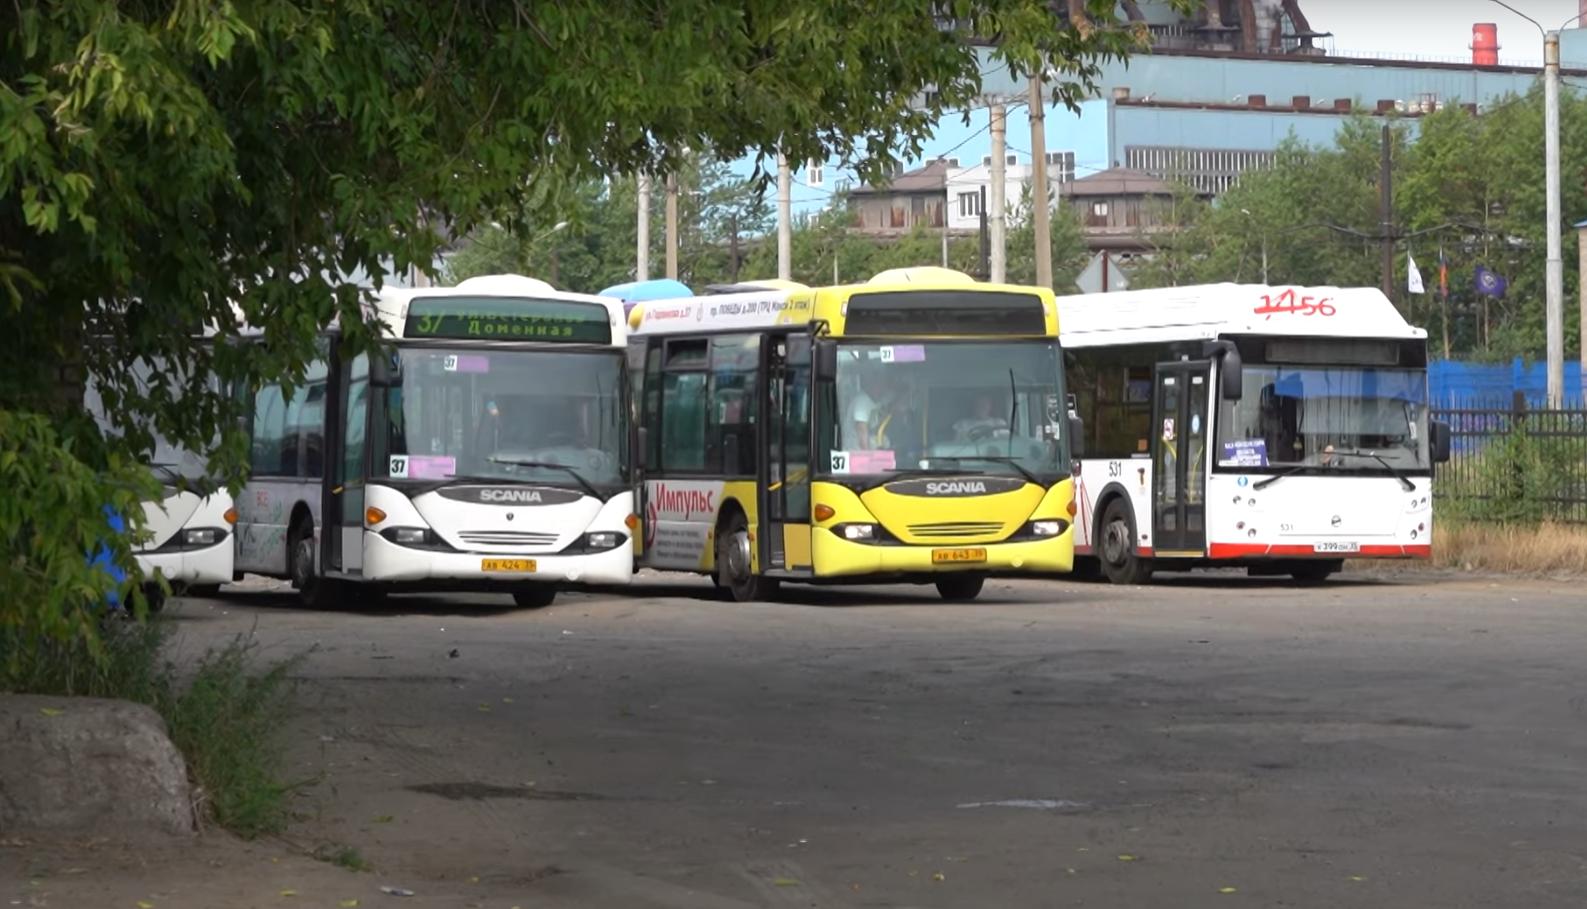 Проверяющие следили, чтобы водители автобусов не нарушали ПДД